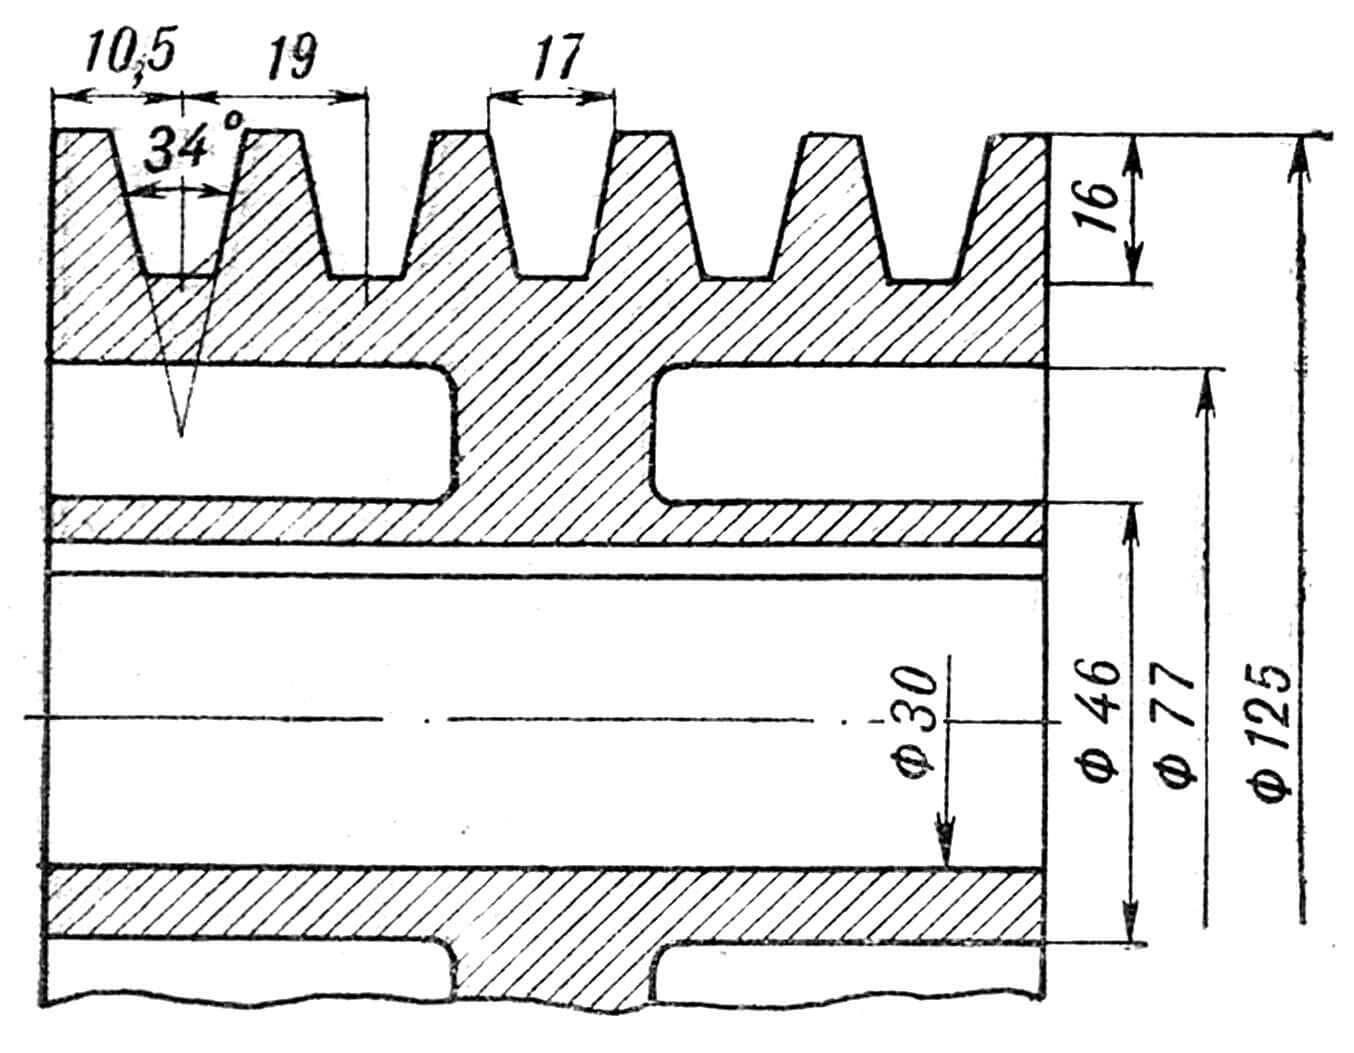 Рис. 3. Шестеренчатый редуктор с цепью к винту: 1 — уплотнение, фетр; 2 — кольцо НК35, сталь 65Г; 3 — болт М6х20, сталь 35; 4 — прокладка регулировочная, сталь 10; 5 — стакан, сталь 45; 6 — кольцо промежуточное, сталь 45; 7 — подшипник радиальный № 207; 8 — вал-шестерня, сталь 40хН; 9 — корпус, силумин АЛ-2; 10 — подшипник игольчатый № 402482е; 11 — шпонка 10x8x25 мм, сталь 45; 12 — зубчатое колесо, зубьев — 73, сталь 40Х; 13 — болт М8х16, сталь 35; 14 — прокладка ᴓ 210 мм; 15 — крышка корпуса, силумин АЛ-2; 16 — крышка подшипника, сталь 35; 17 — болт М6x16, сталь 35; 18 — звездочка, сталь 45; 19 — шпонка; 20 — болт М5х8; 21 — шайба 5; 22 — обойма; 23 — болт М4х8; 24 — шайба 4; 25 — уплотнение ᴓ 10/5x1; 26 — болт М5х12; 27 — прокладка: 28 — шпонка 5x5x14; 29 — винт М3х6; 30 — гайка круглая; 31 — уплотнение: 32 — шпонка 6x6x20; 33 — муфта 1-50x20 МНЗ-61; 34 — вал; 35 — кожух; 36 — прокладка ᴓ 90х70х1; 37 — крышка обоймы; 38 — винт М4х8; 39 — гайка круглая; 40 — прокладка ᴓ 170х120x1; 41 — 6oлт М10х175.